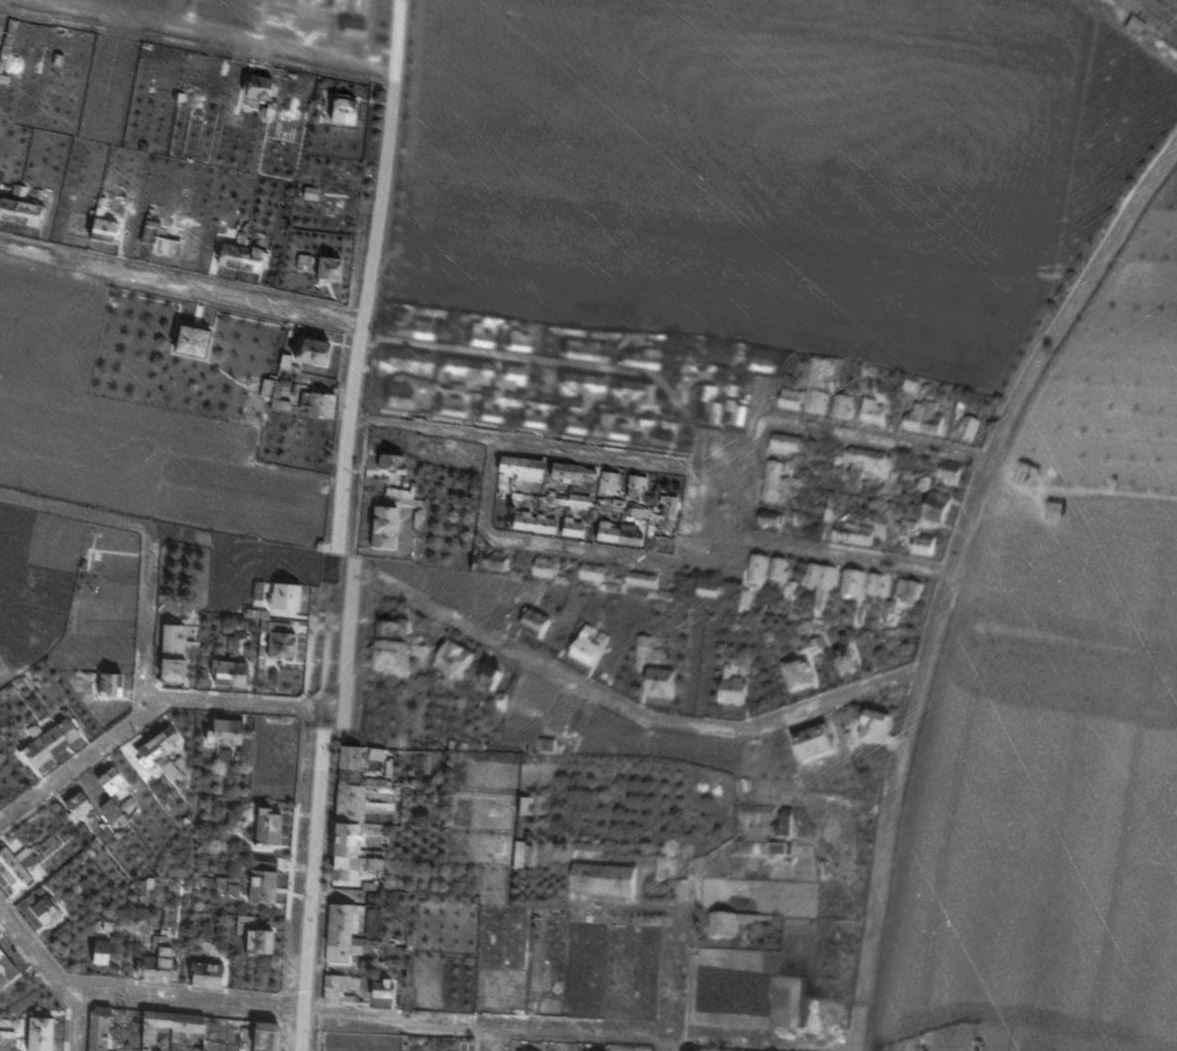 nouzova-kolonie-nouzov-letecky-snimek-1945